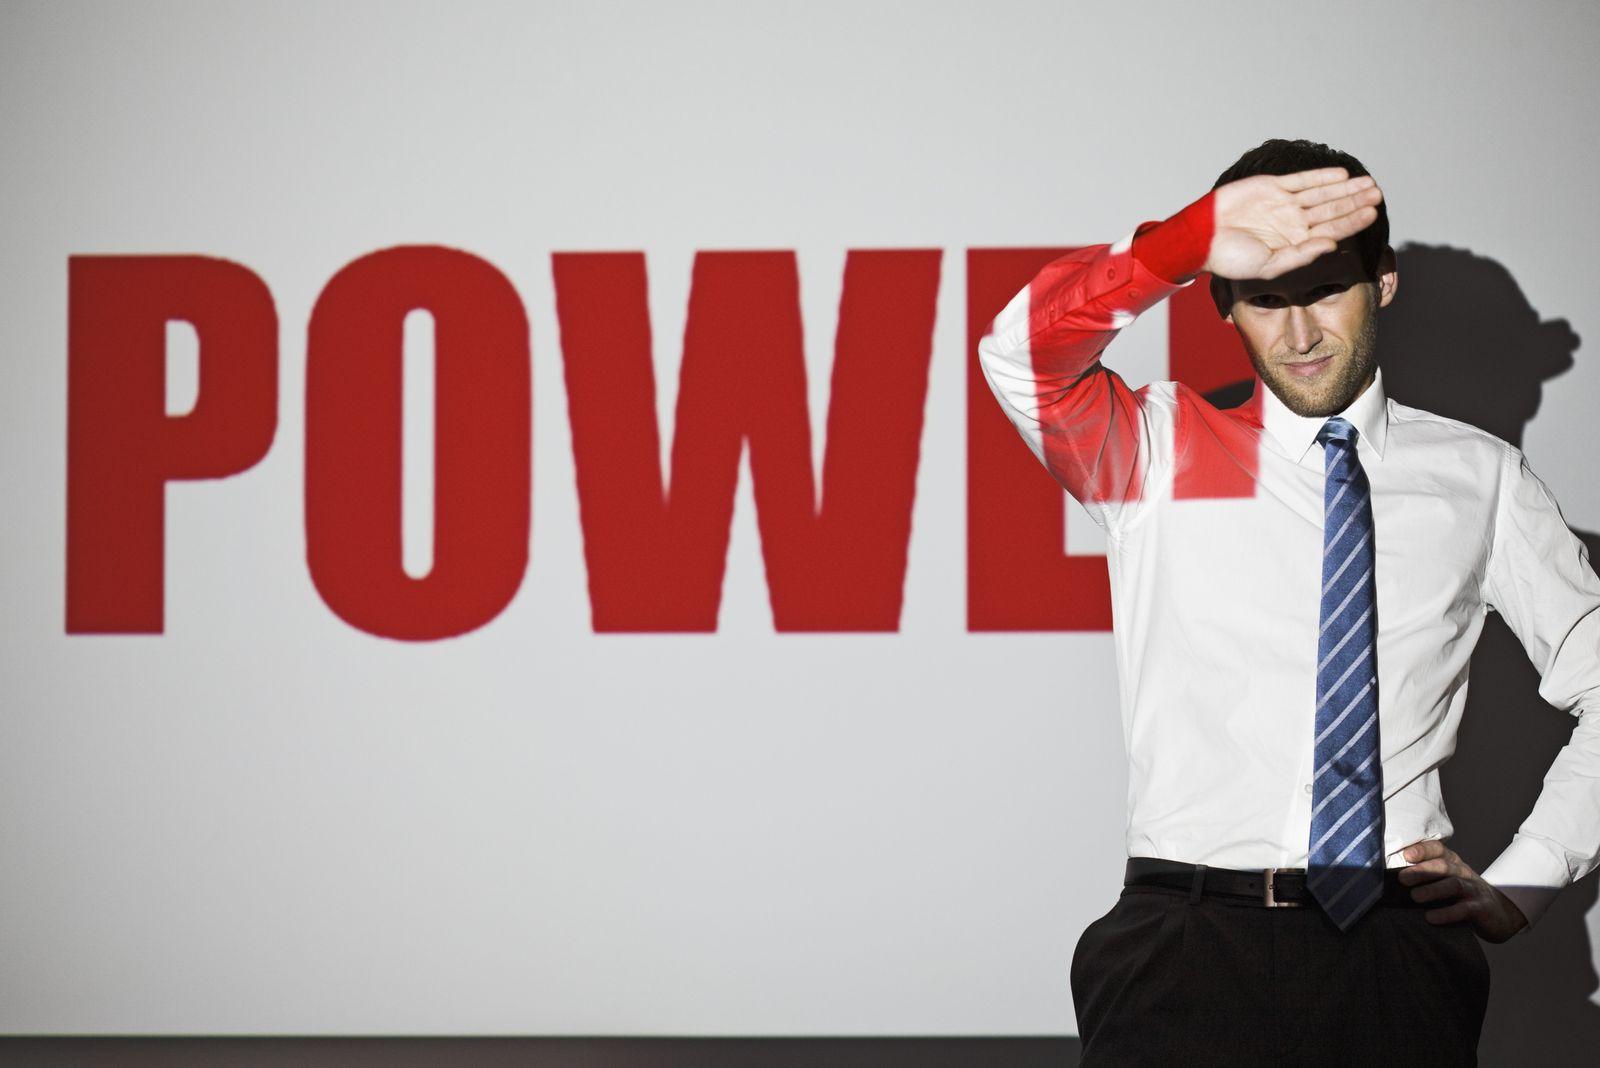 NICHT MEHR VERWENDEN! - Präsentation / Ansprache / Licht / Power / Manager